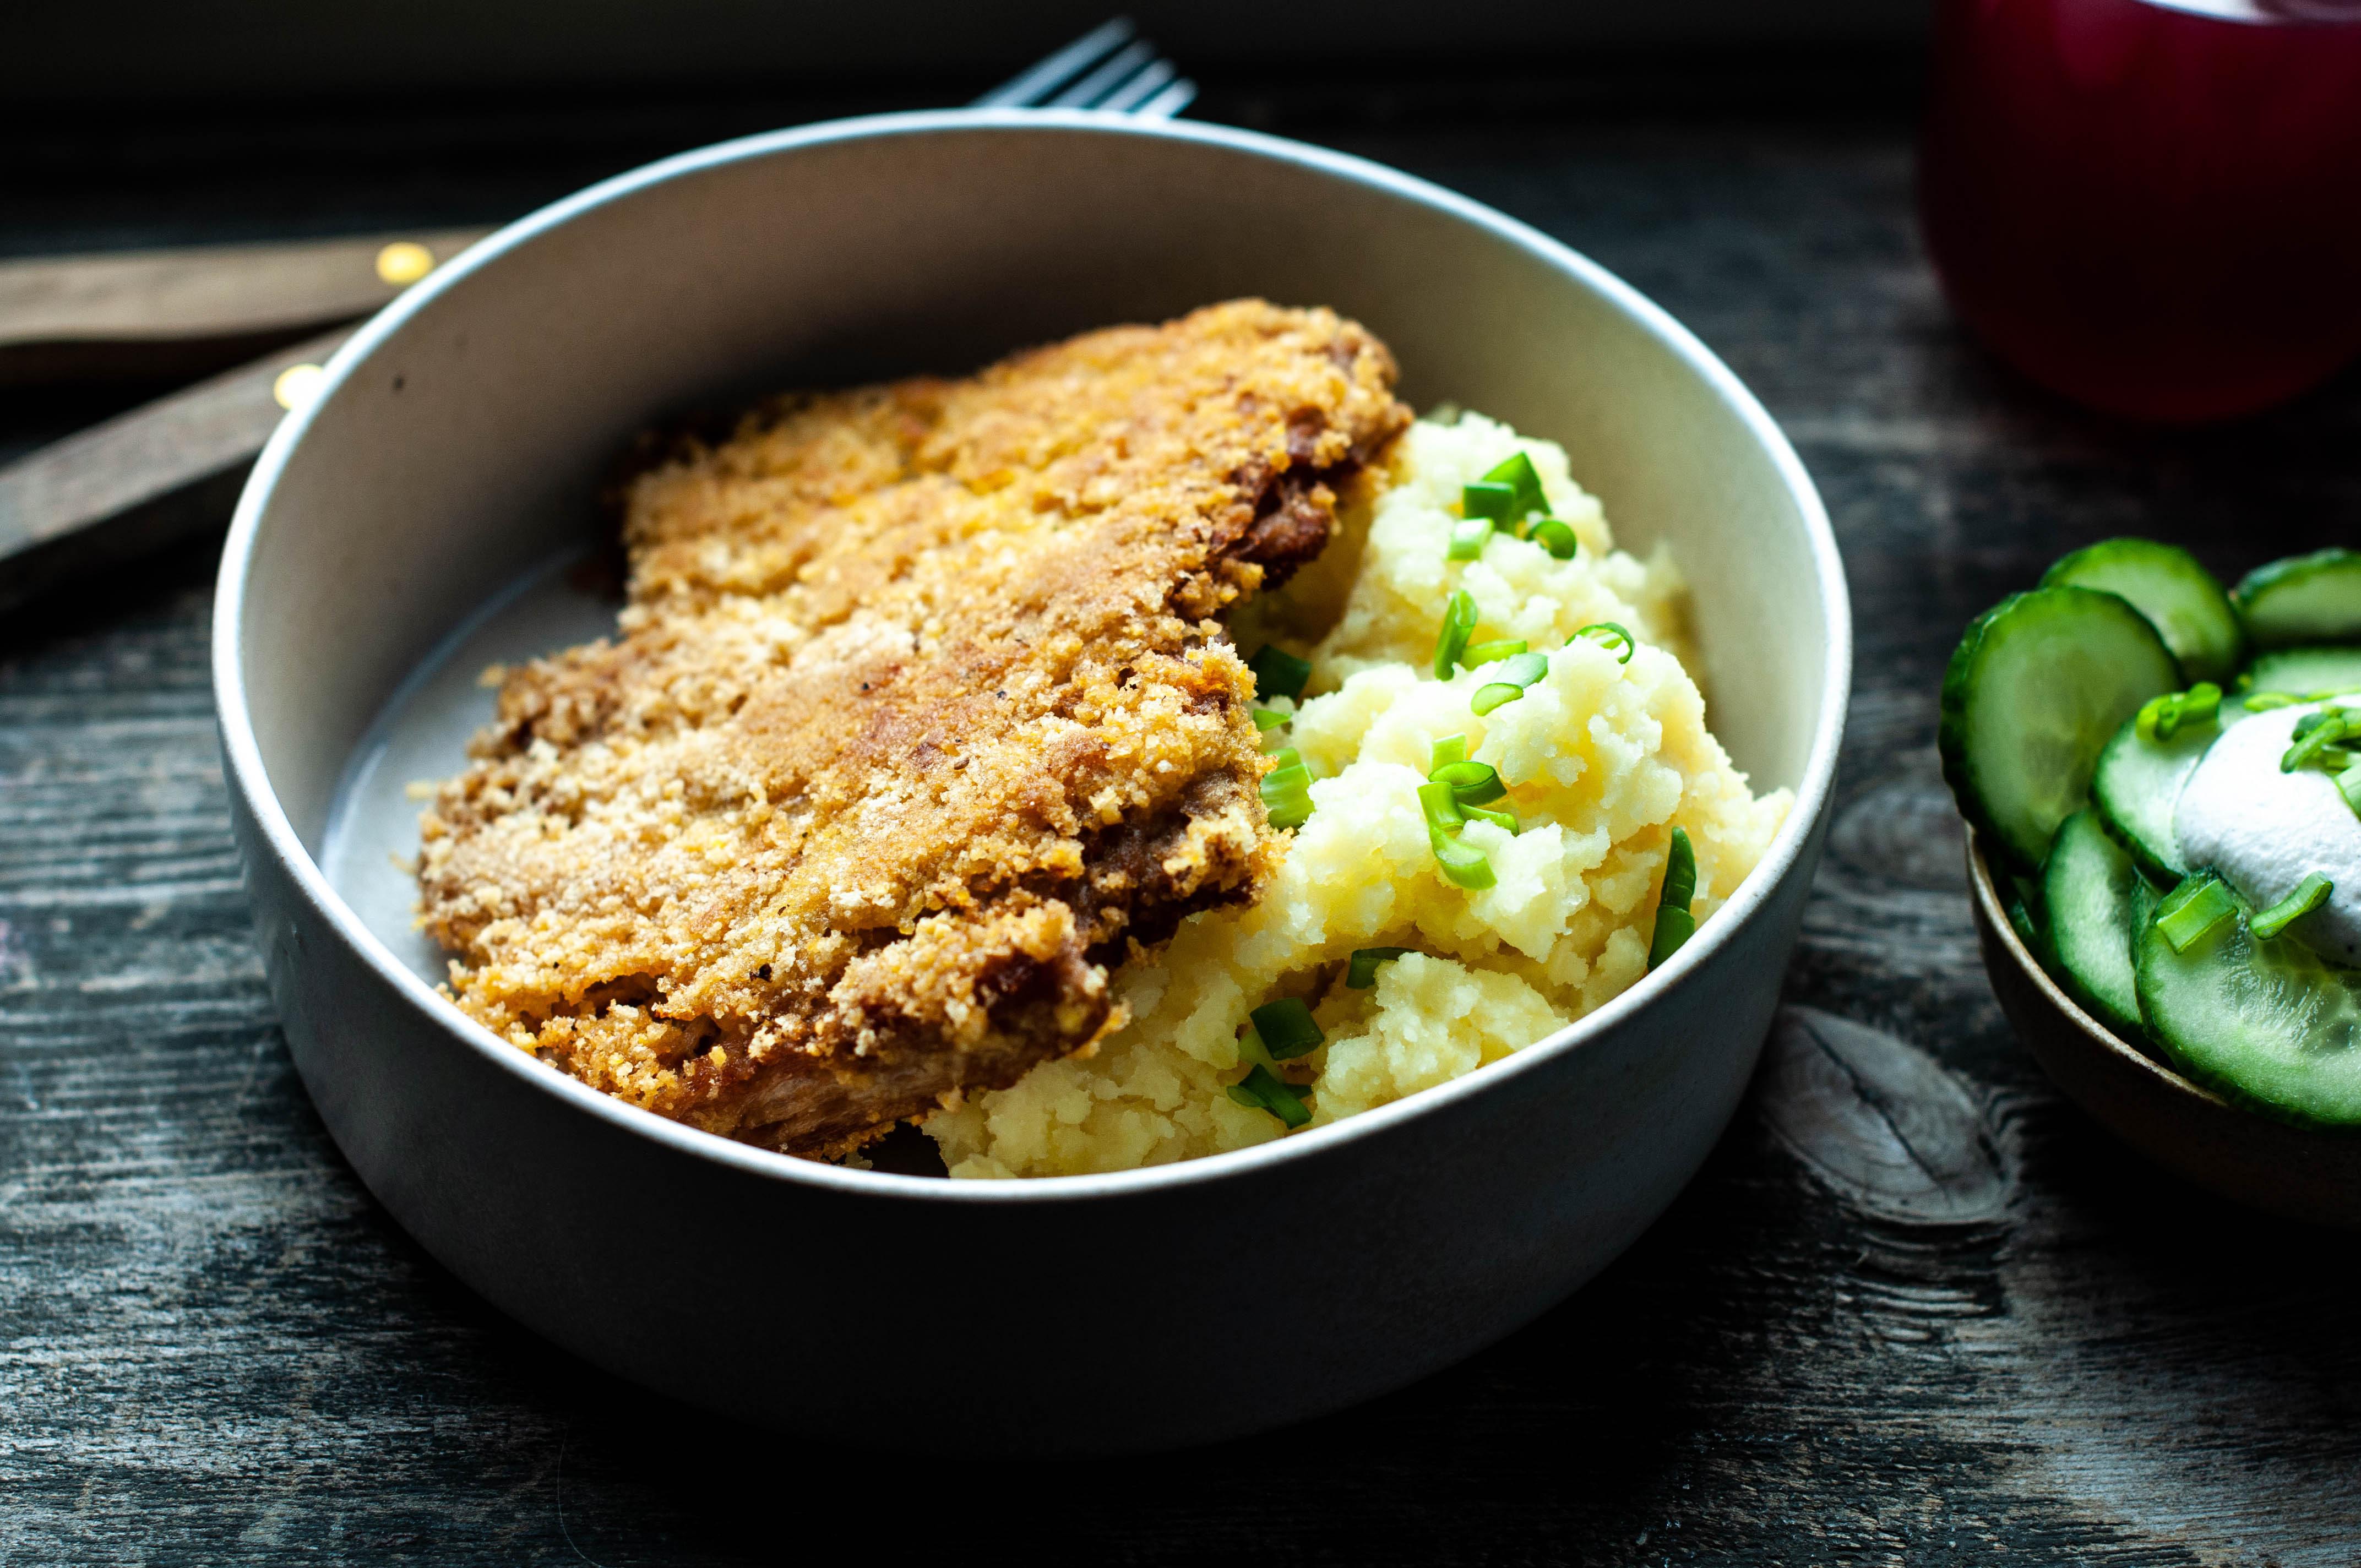 1 schabowy wegański, wegański obiad, bezglutenowy obiad, obiad, pomysł na obiad, kuchnia wegańska, kuchnia bezglutenowa